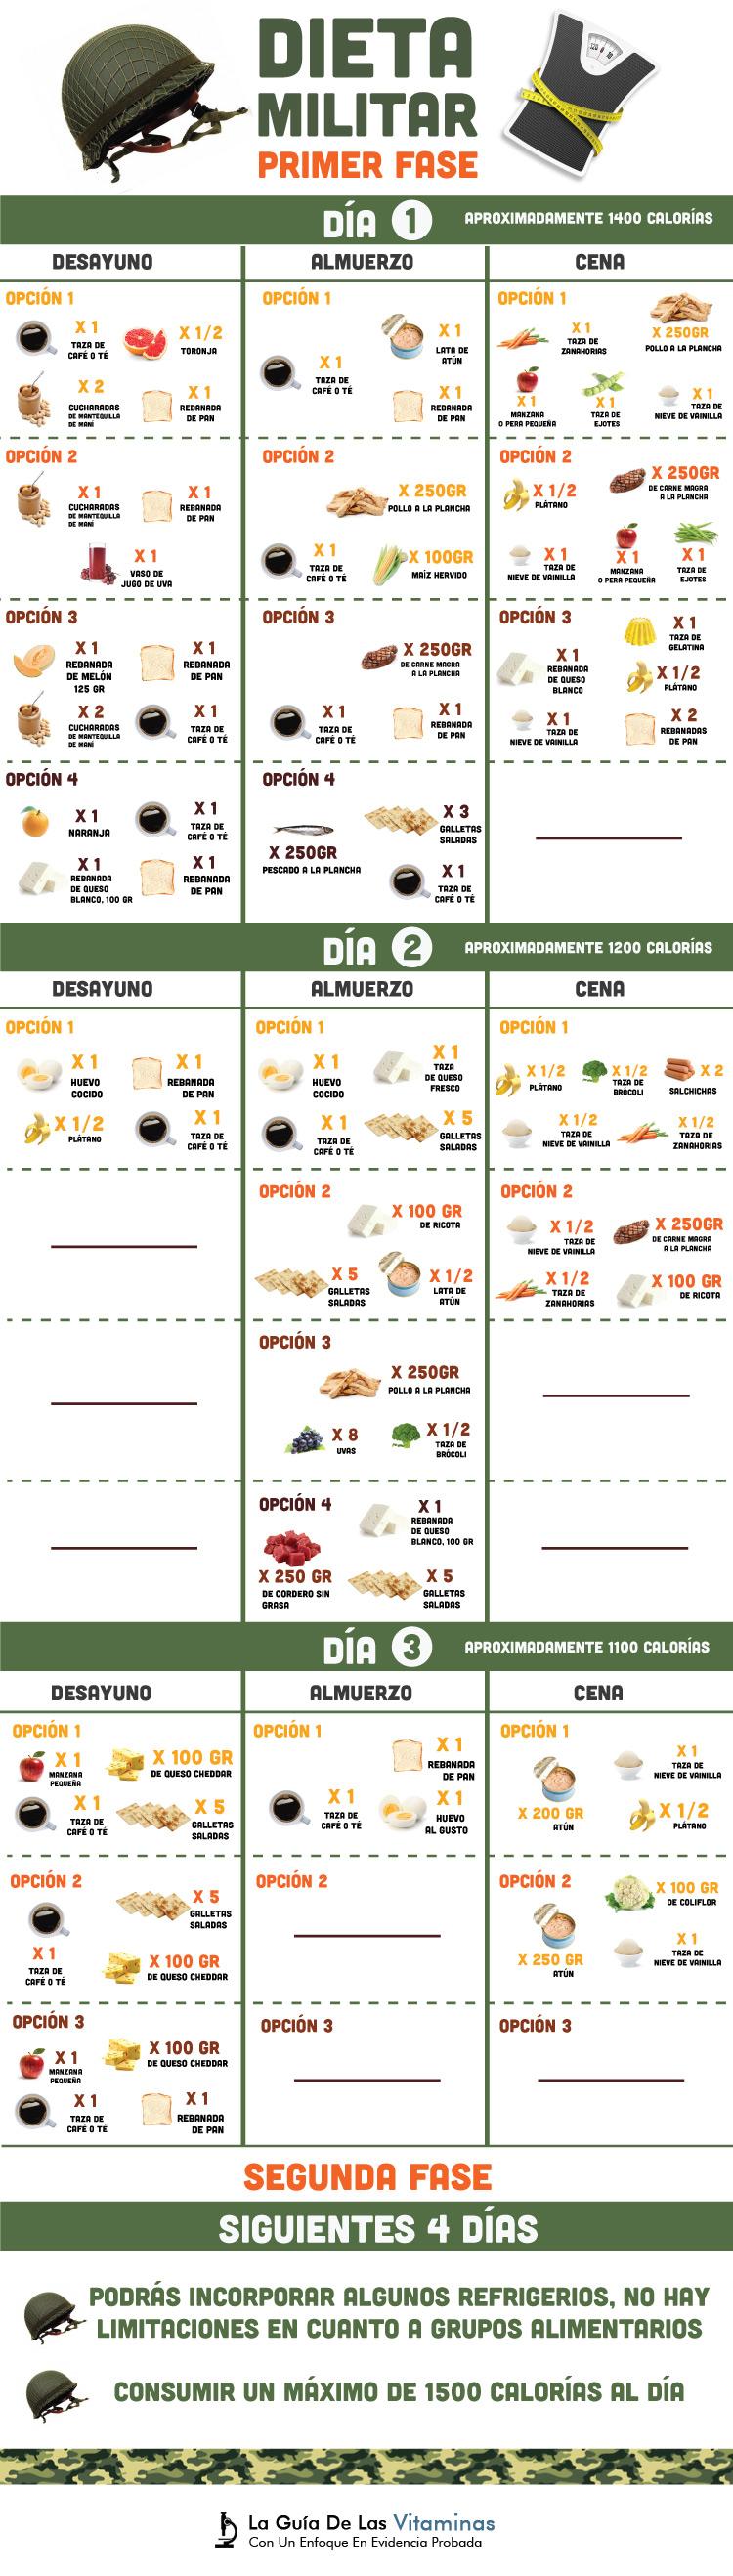 dieta militar